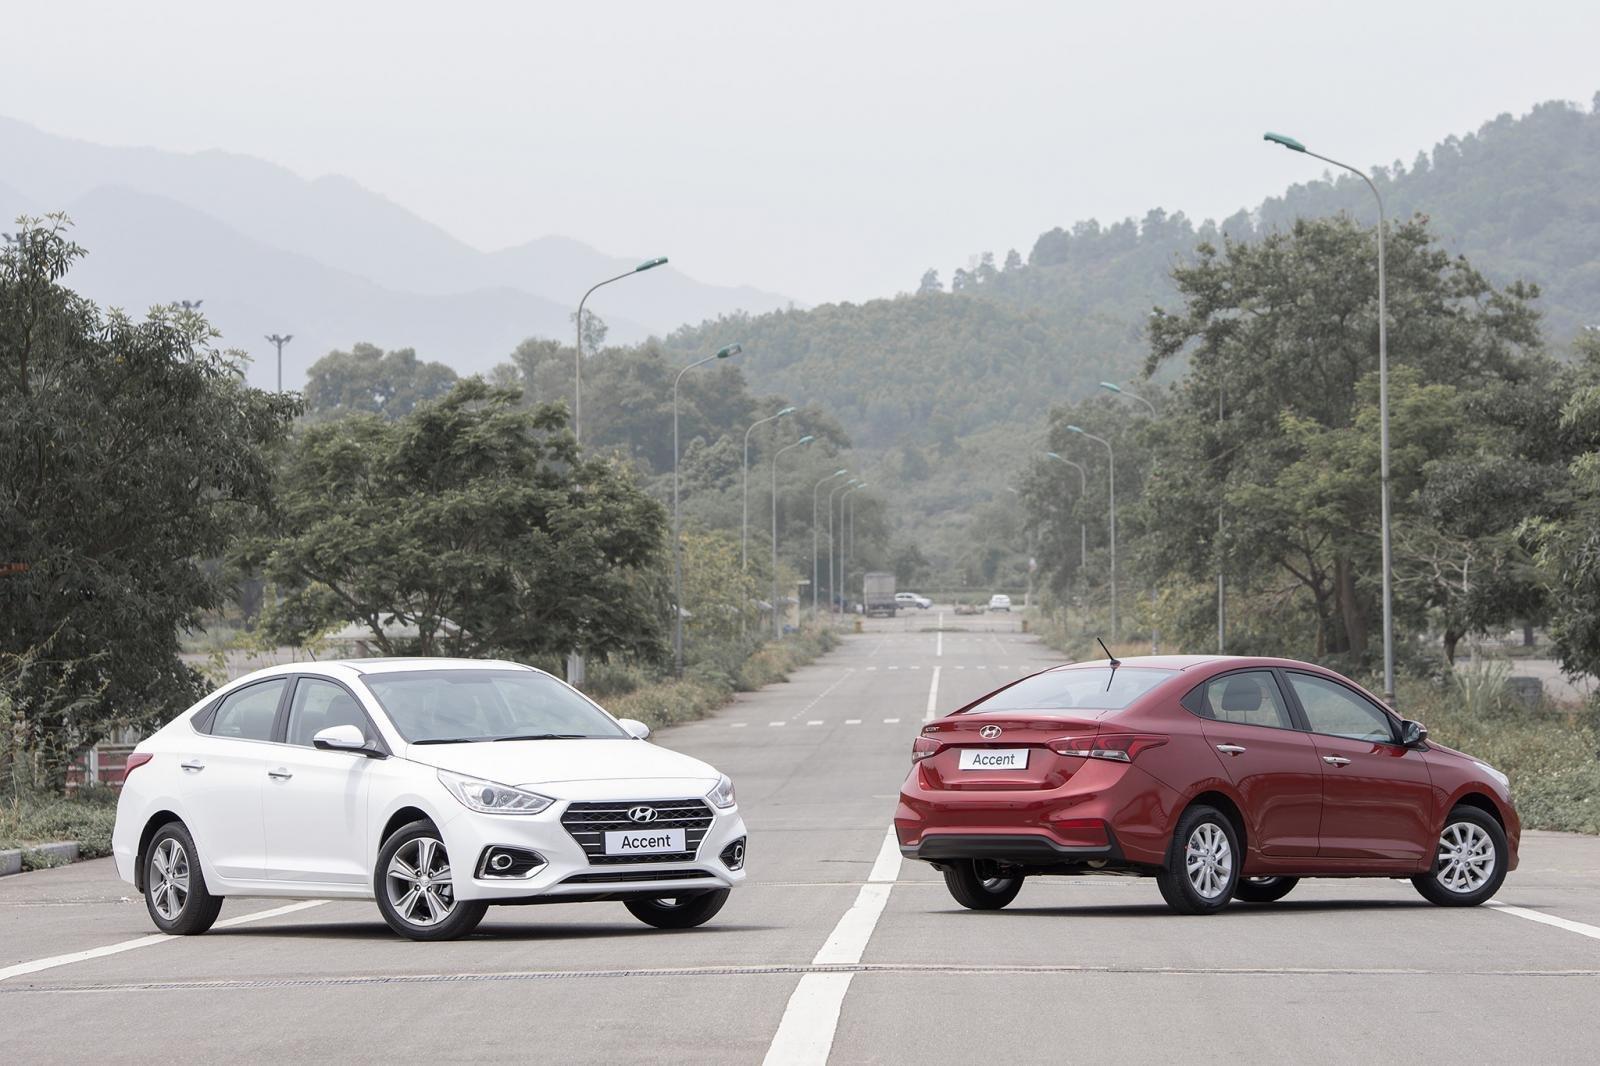 Hyundai Accent trở lại vị trí dẫn đầu doanh số TC Motor trong tháng 7